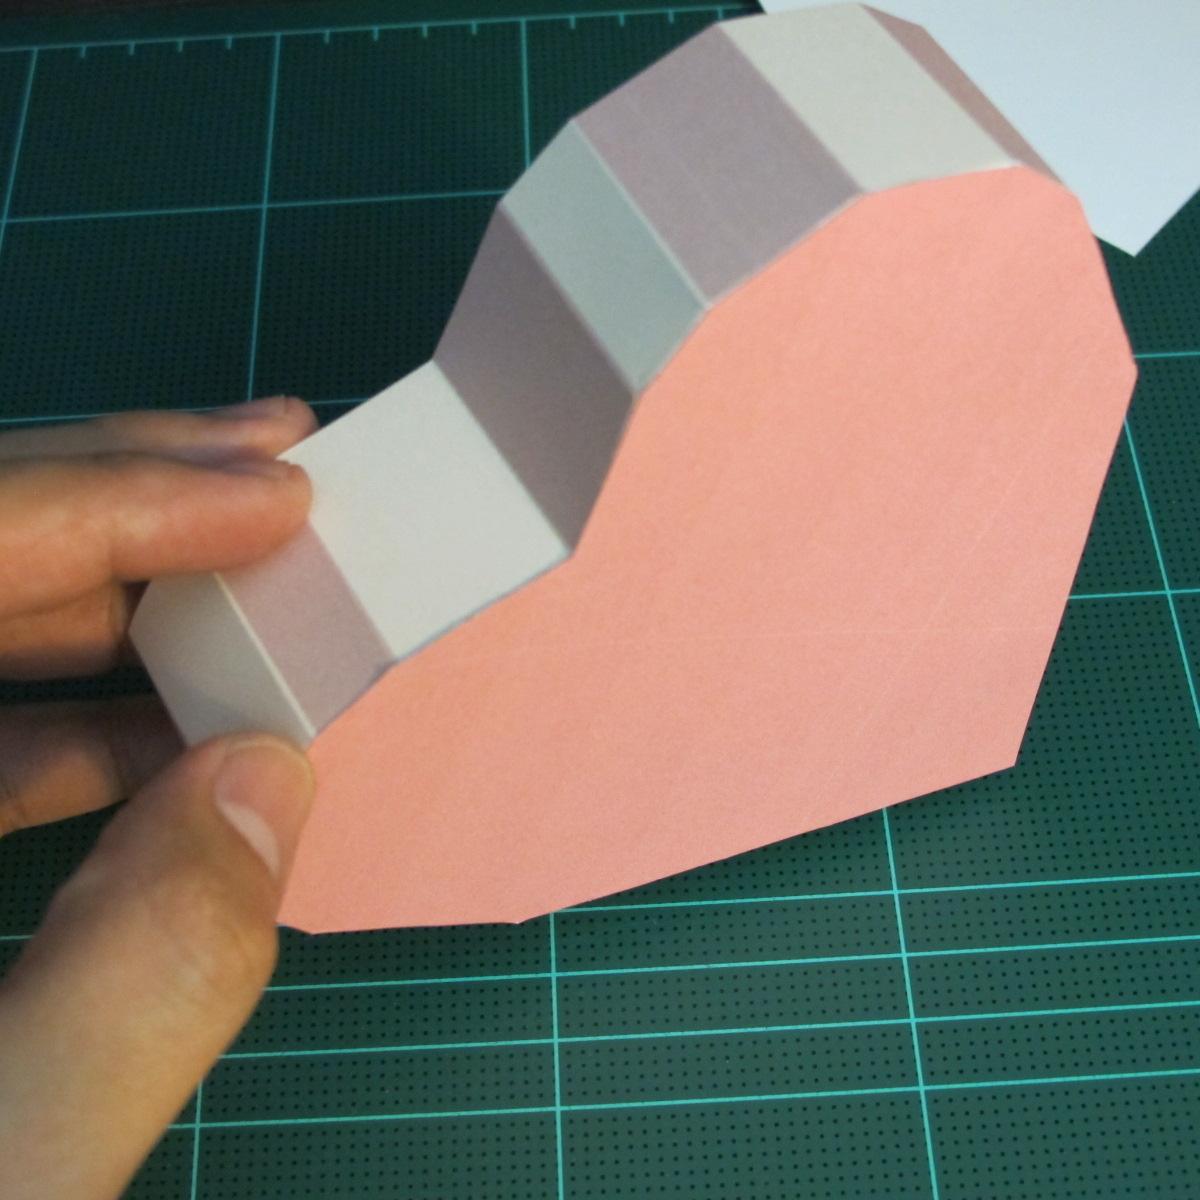 วิธีทำโมเดลกระดาษเป็นกล่องของขวัญรูปหัวใจ (Heart Box Papercraft Model) 010